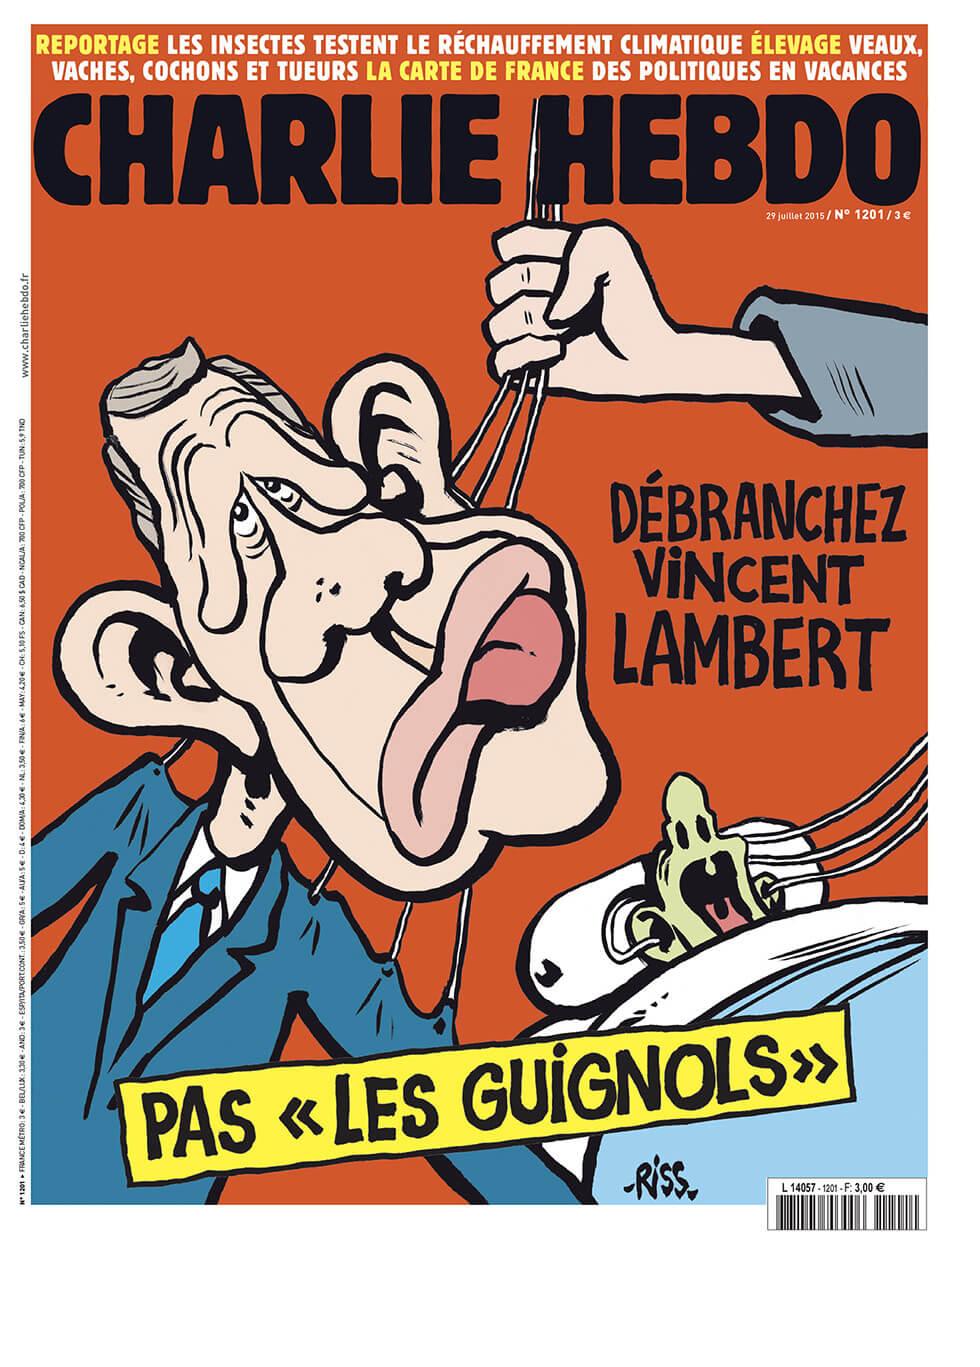 Charlie Hebdo - n°1201 - 29 juillet 2015